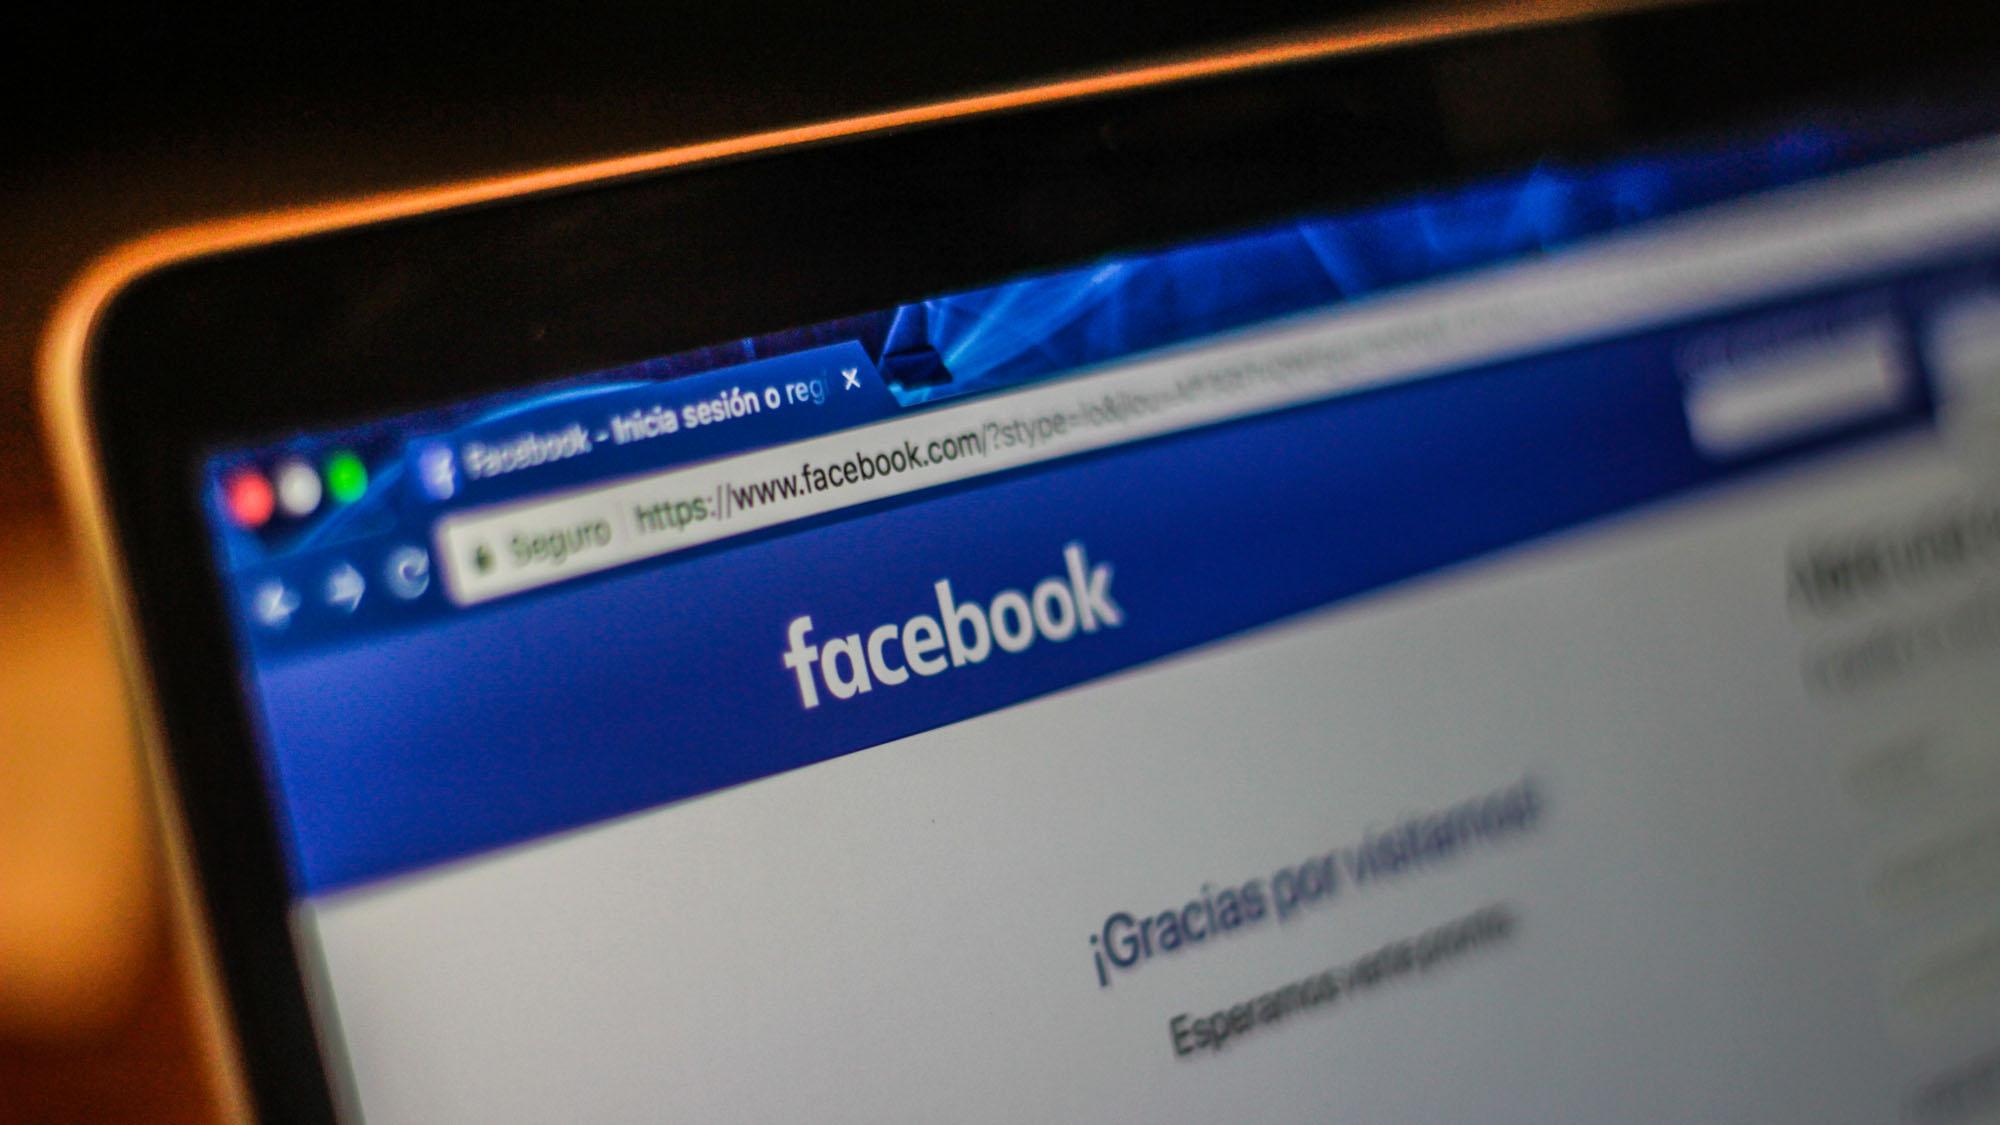 Procon-sp notifica facebook por queda de servidores da rede social